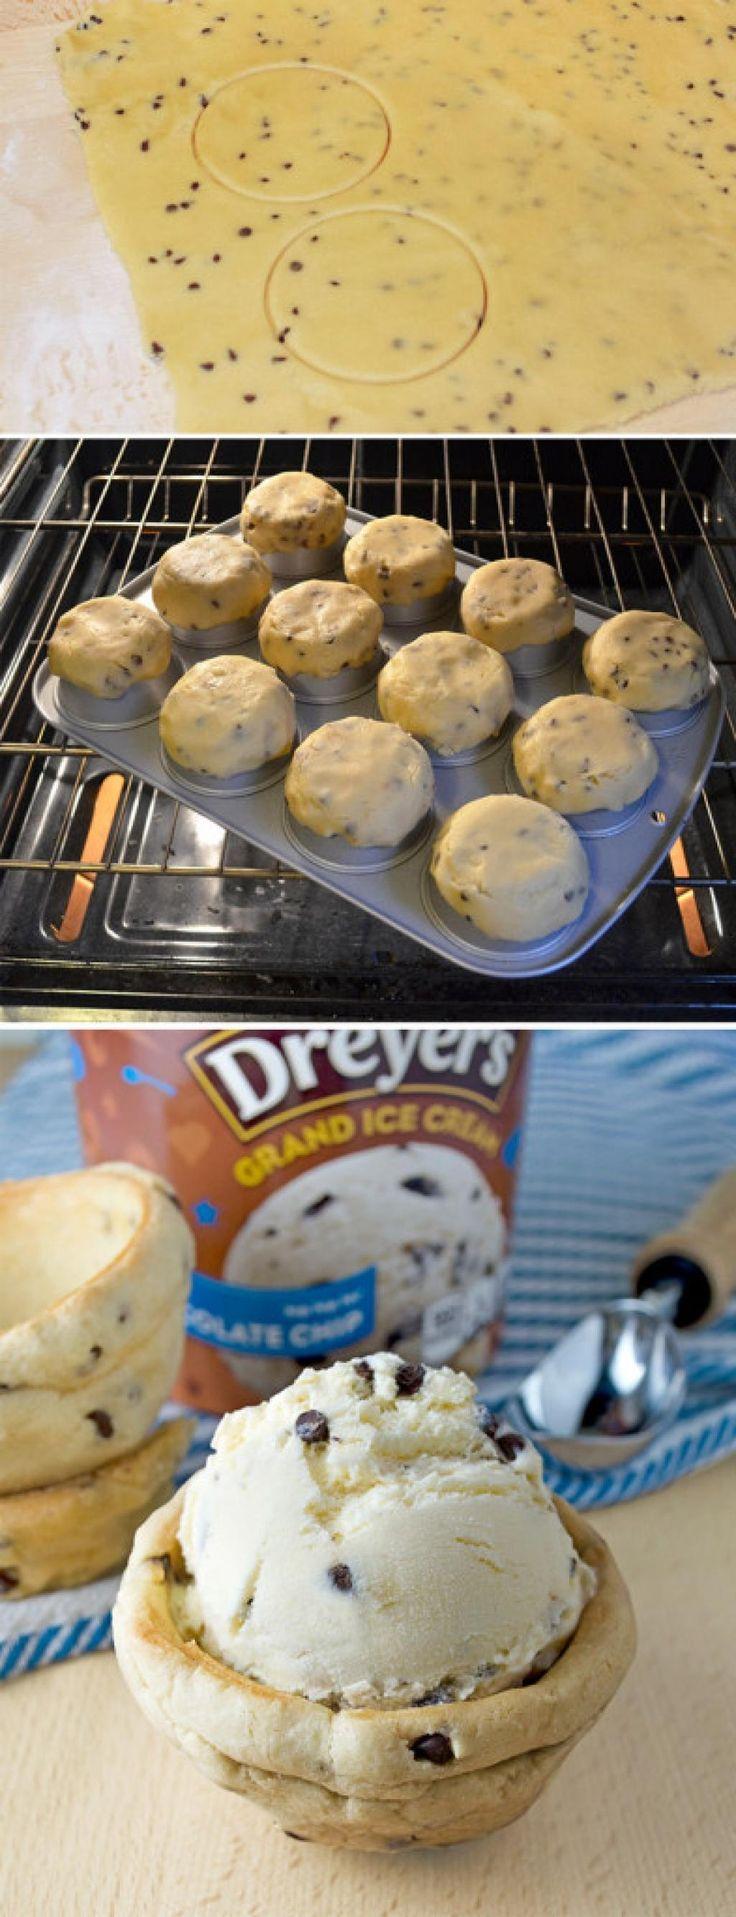 Hummmm originale n'est-cepas? Voici une recette amusante, pour faire changement des biscuits simples et de la crème glacée dans un bol... On fait changement YÉ!! VOUS AUREZ BESOIN: -De crème glacée aux pépites de chocolat -De votre recette préfér